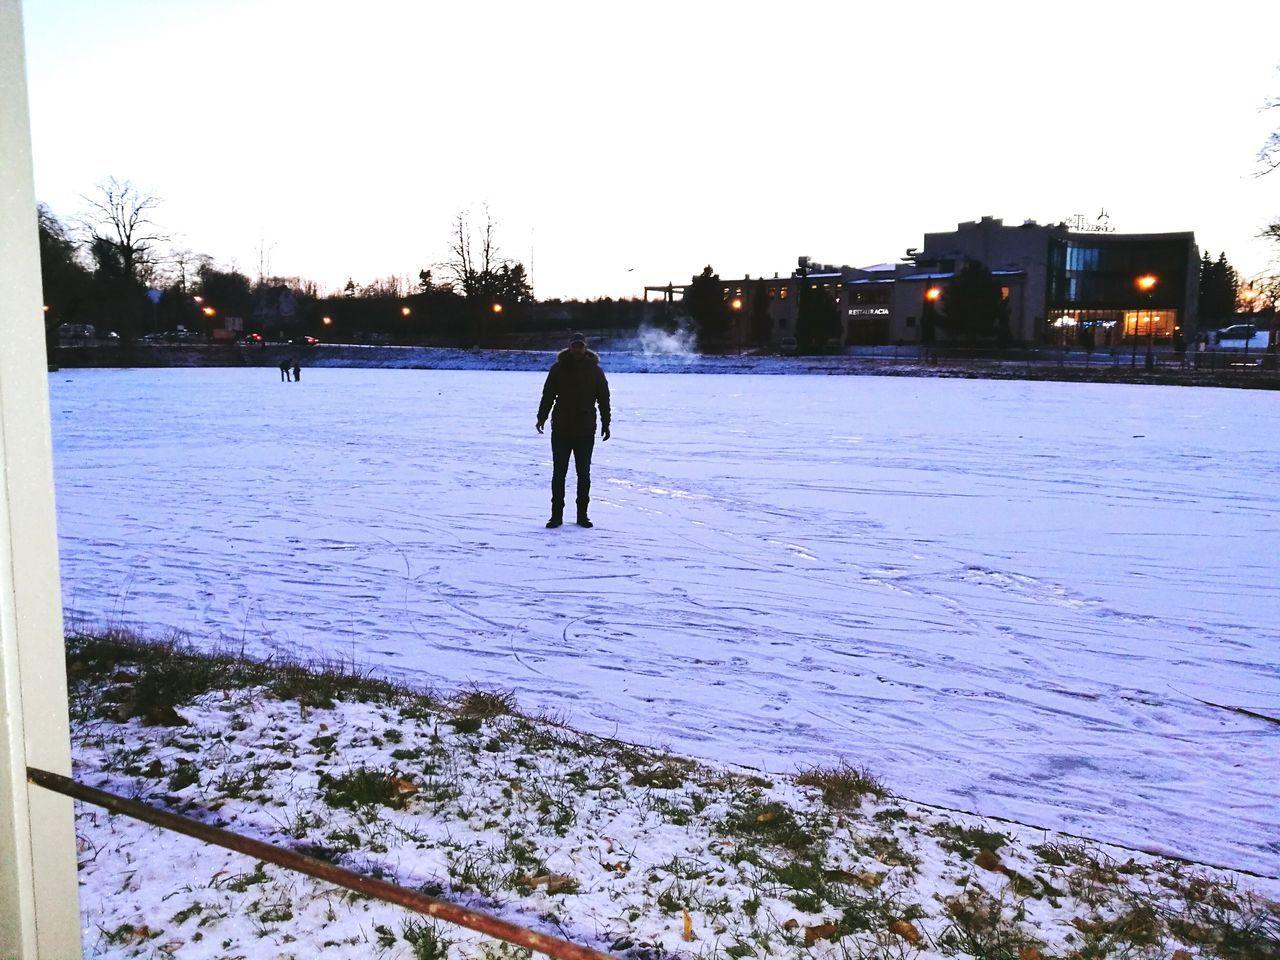 Snow Winter Freezing Freezingweather